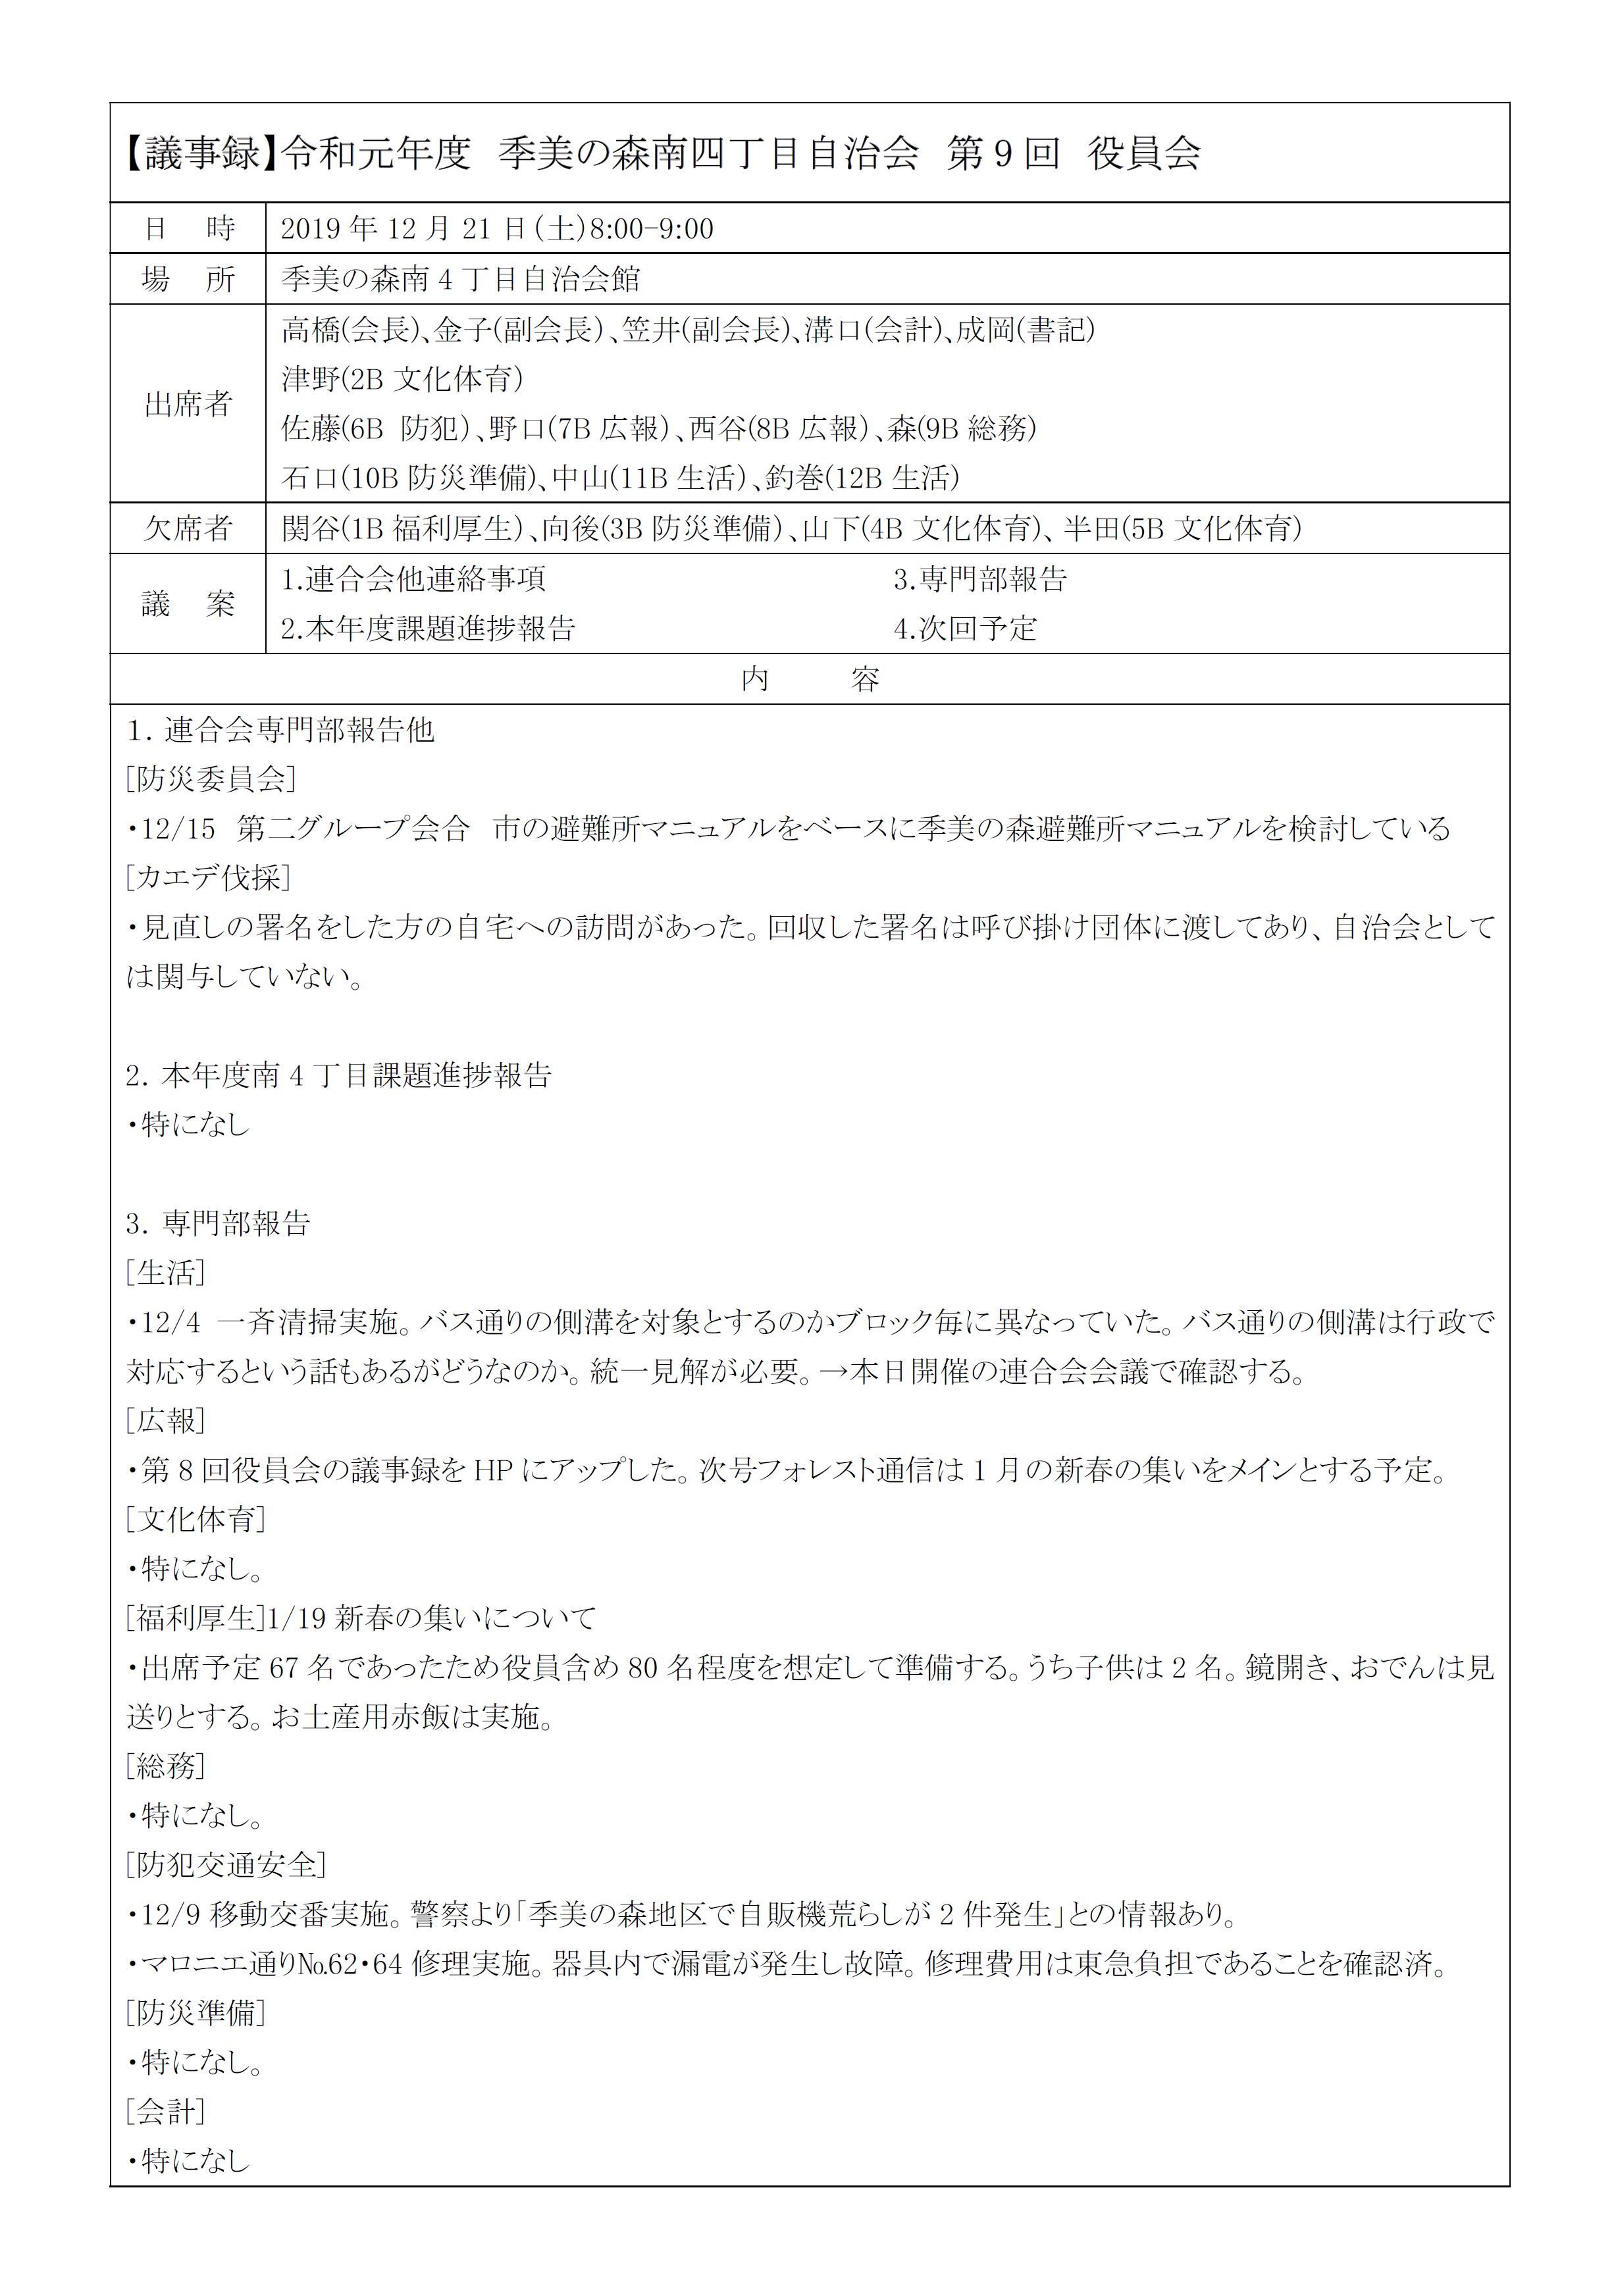 2019第9回役員会議事録P1